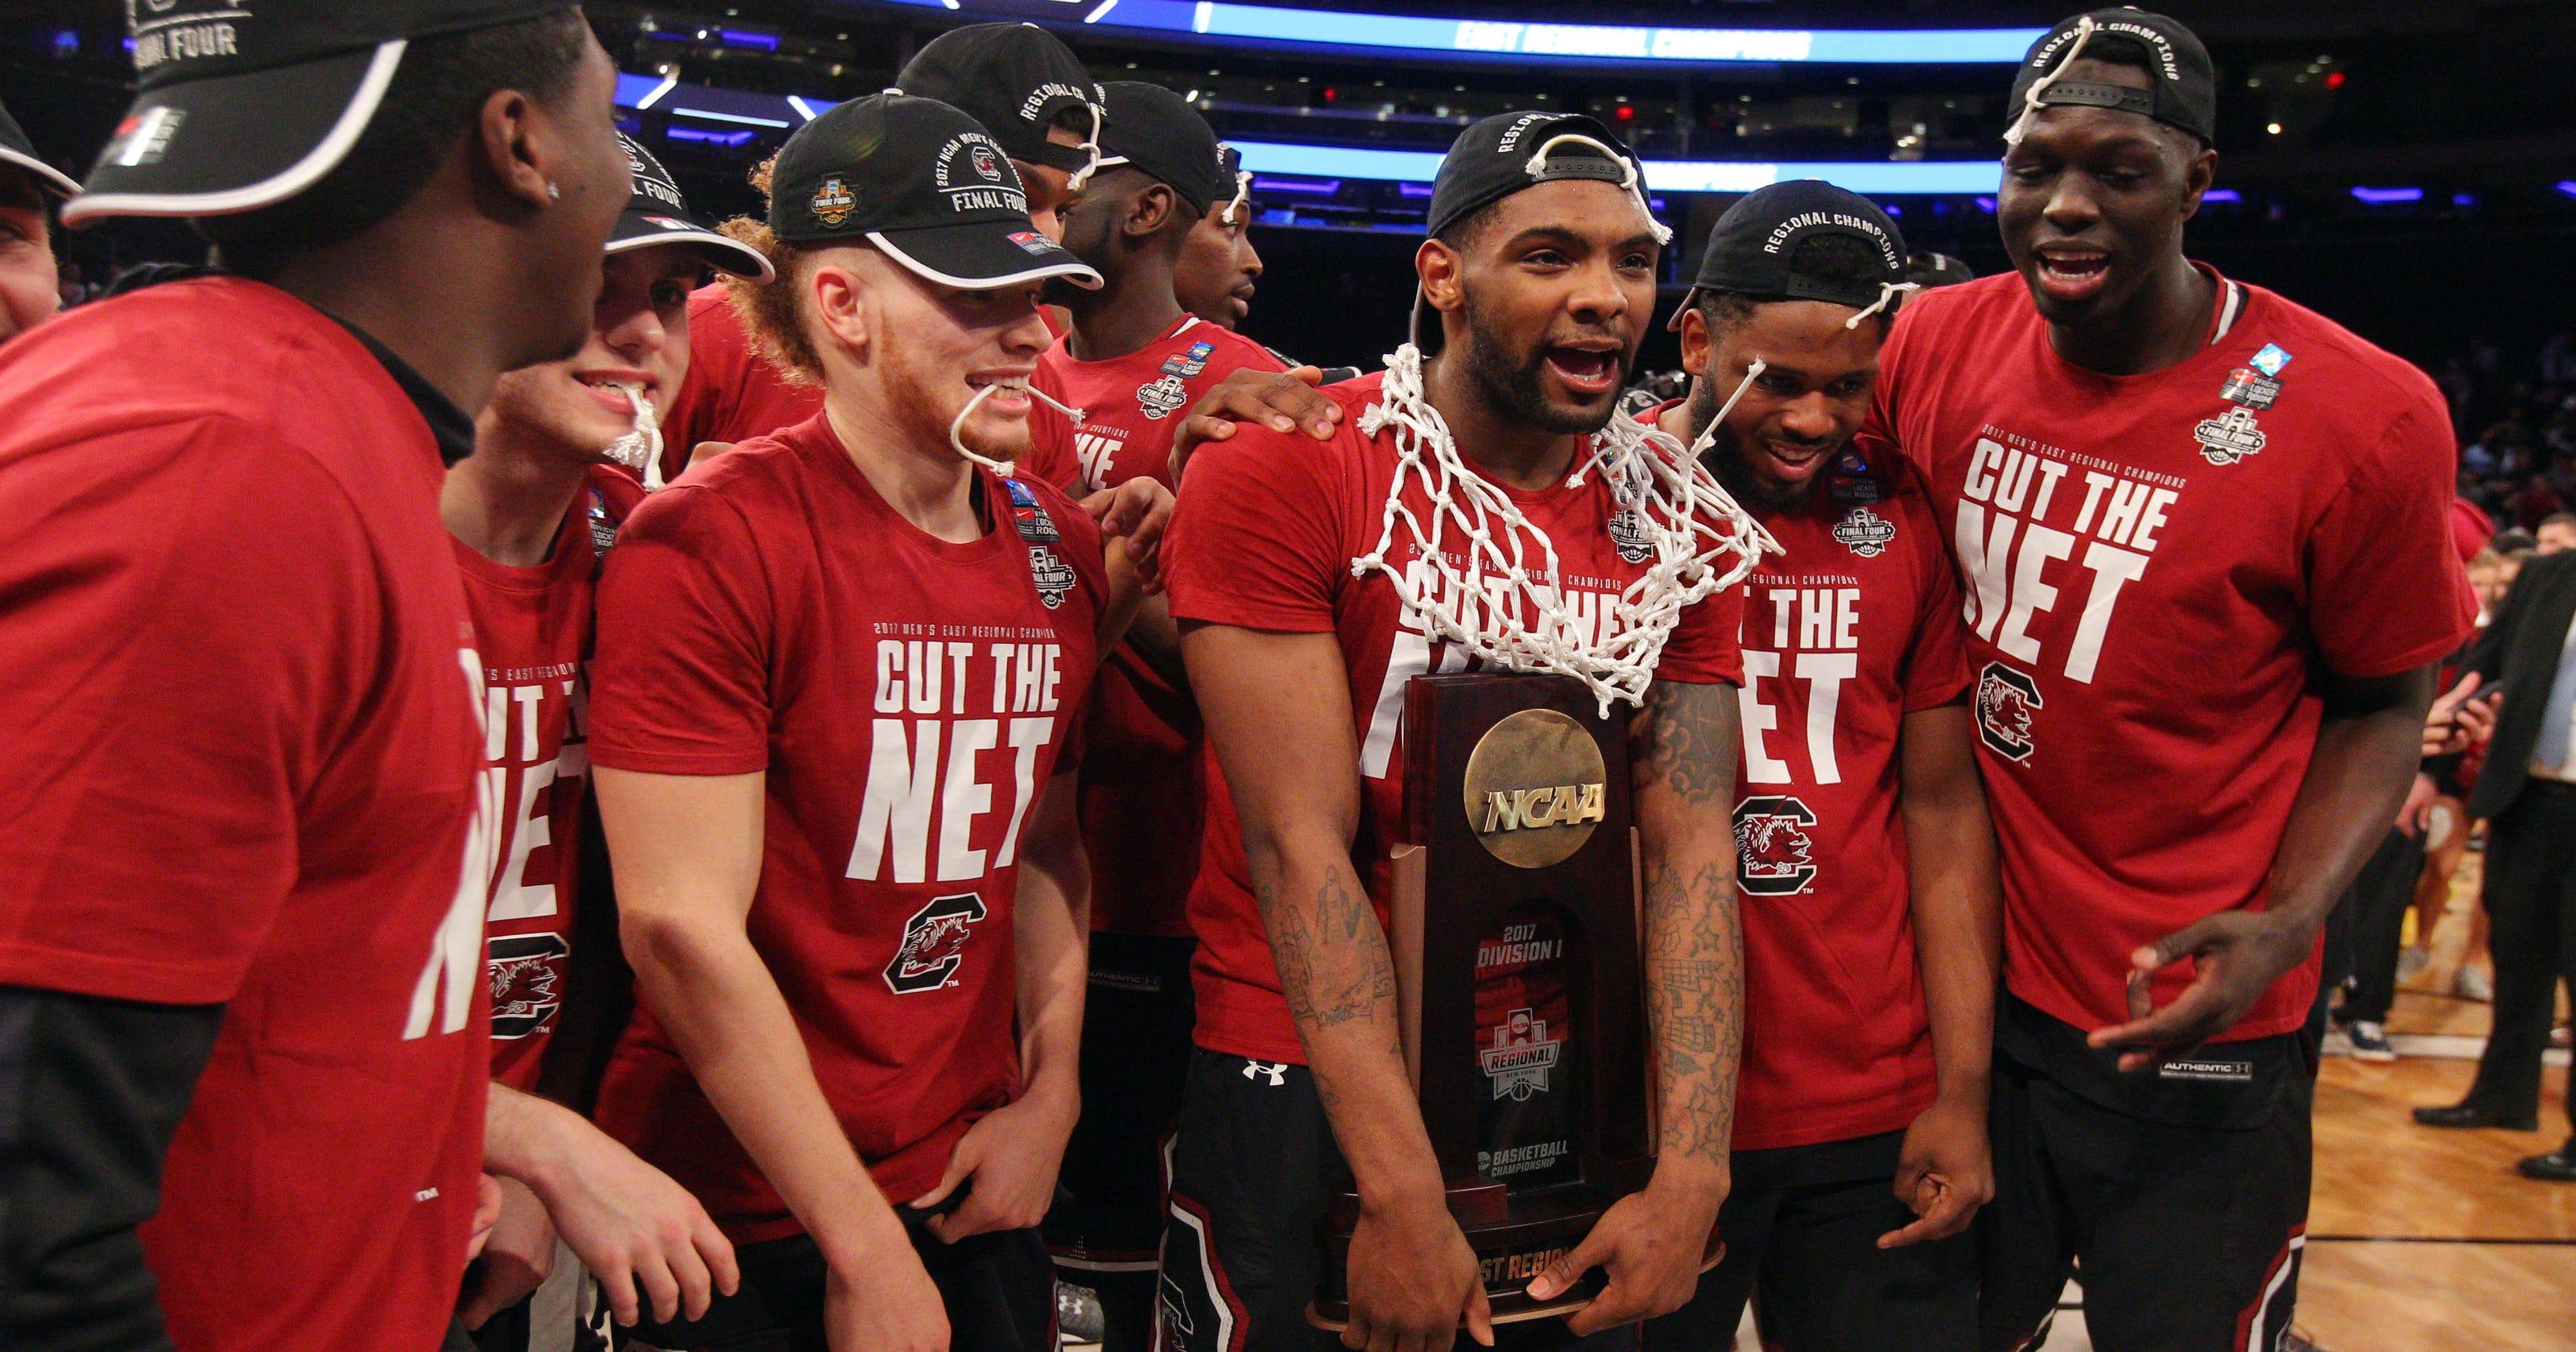 NCAA Basketball Streams College Live Reddit - kankanews.org